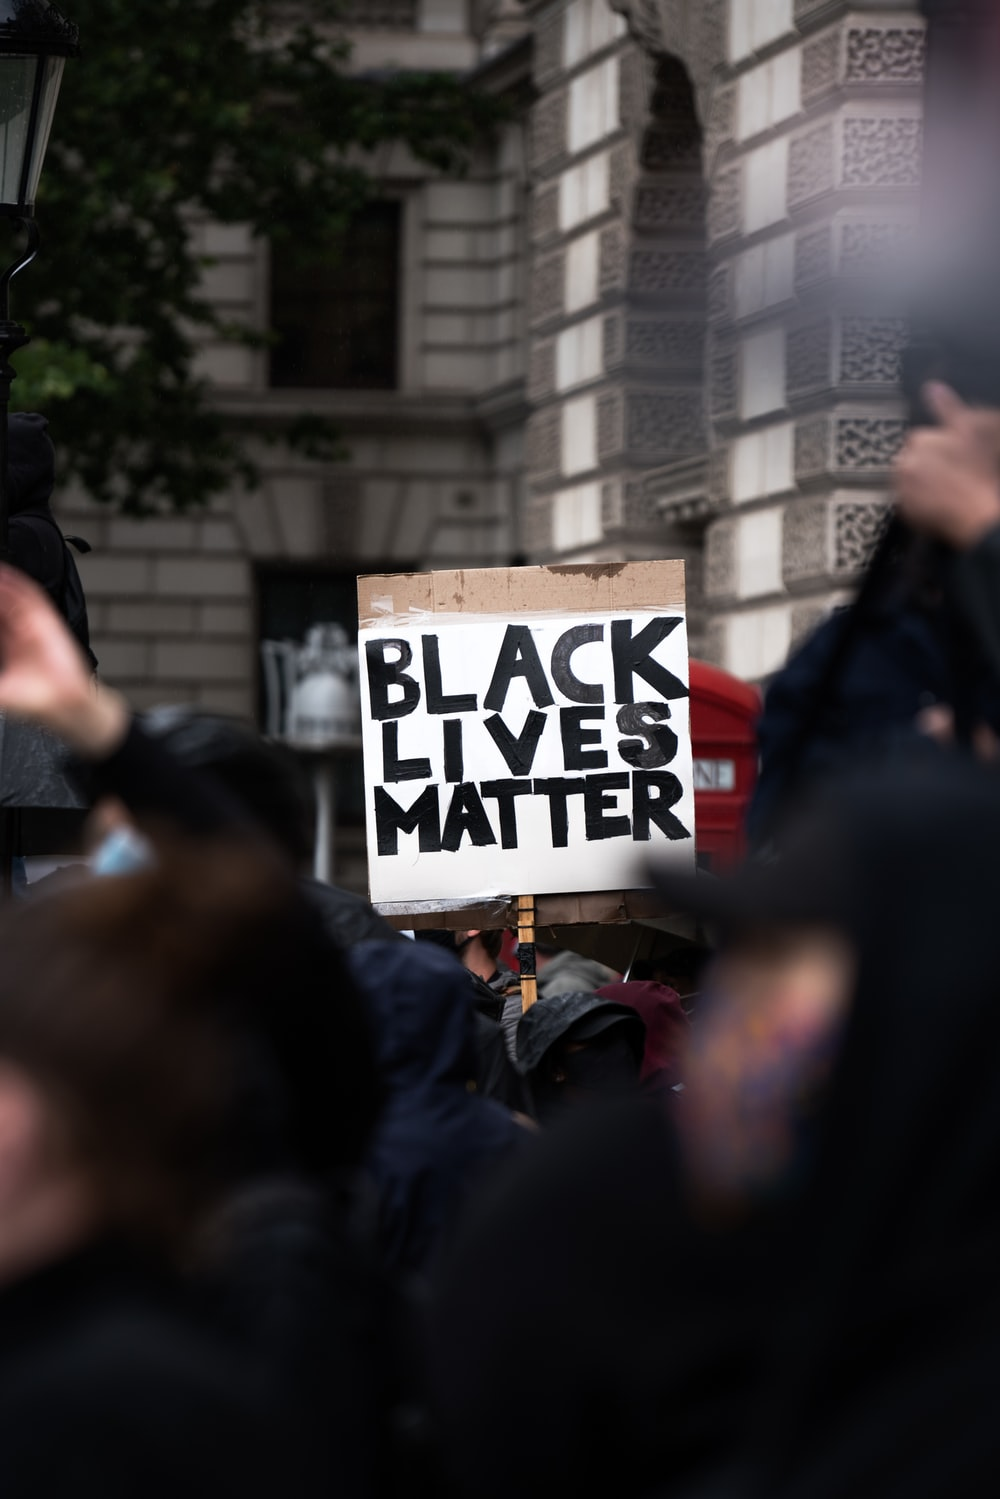 black lives matter protest schild